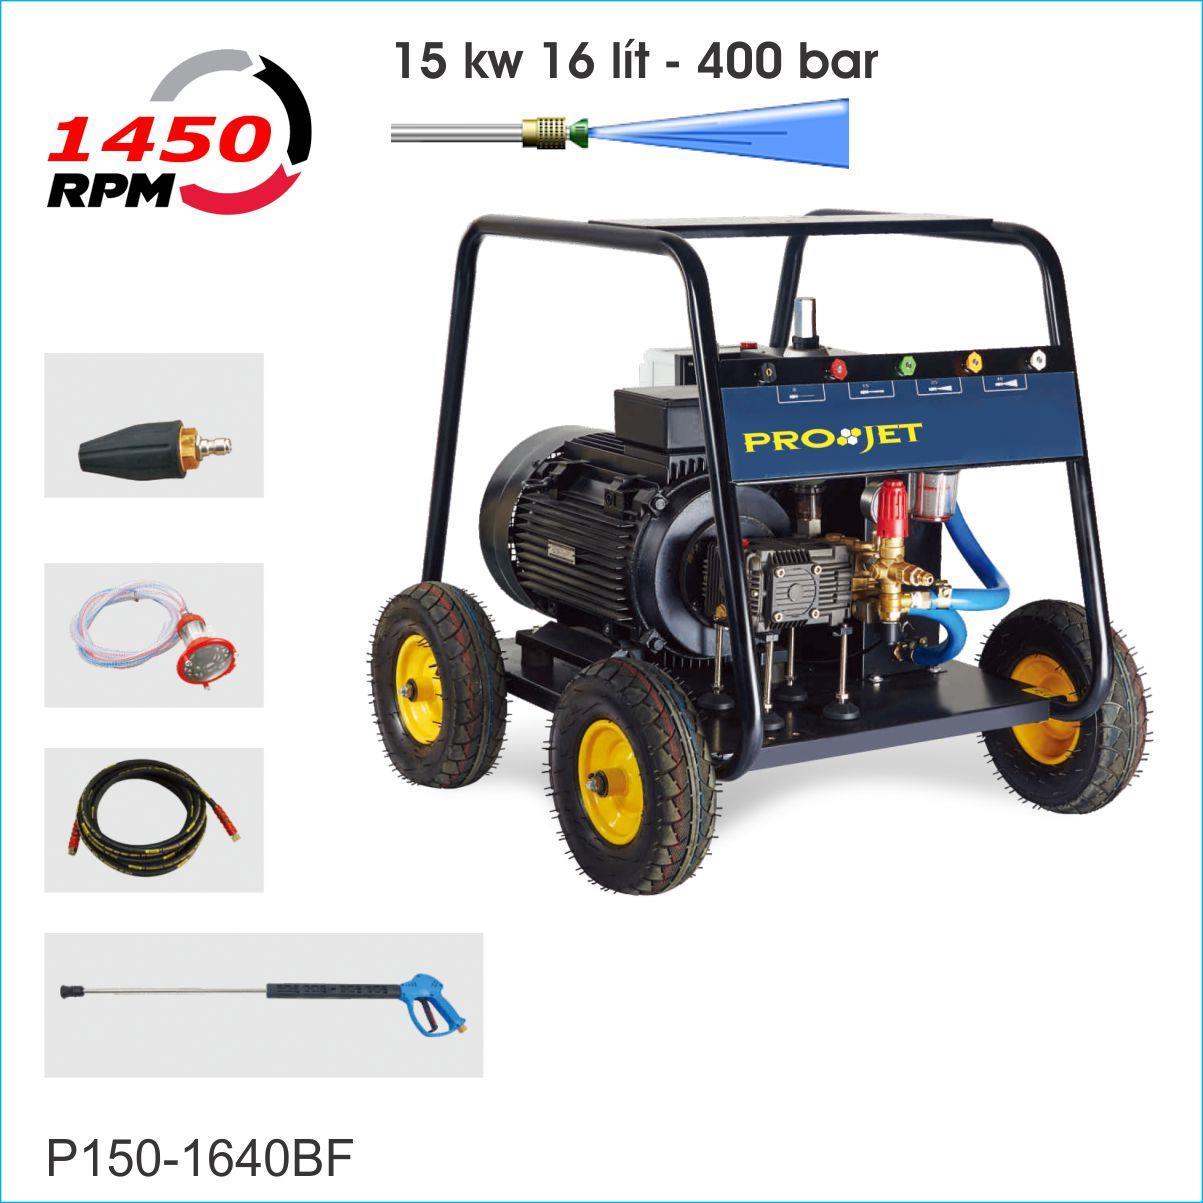 Máy phun rửa cao áp PROJET P150-1640BF